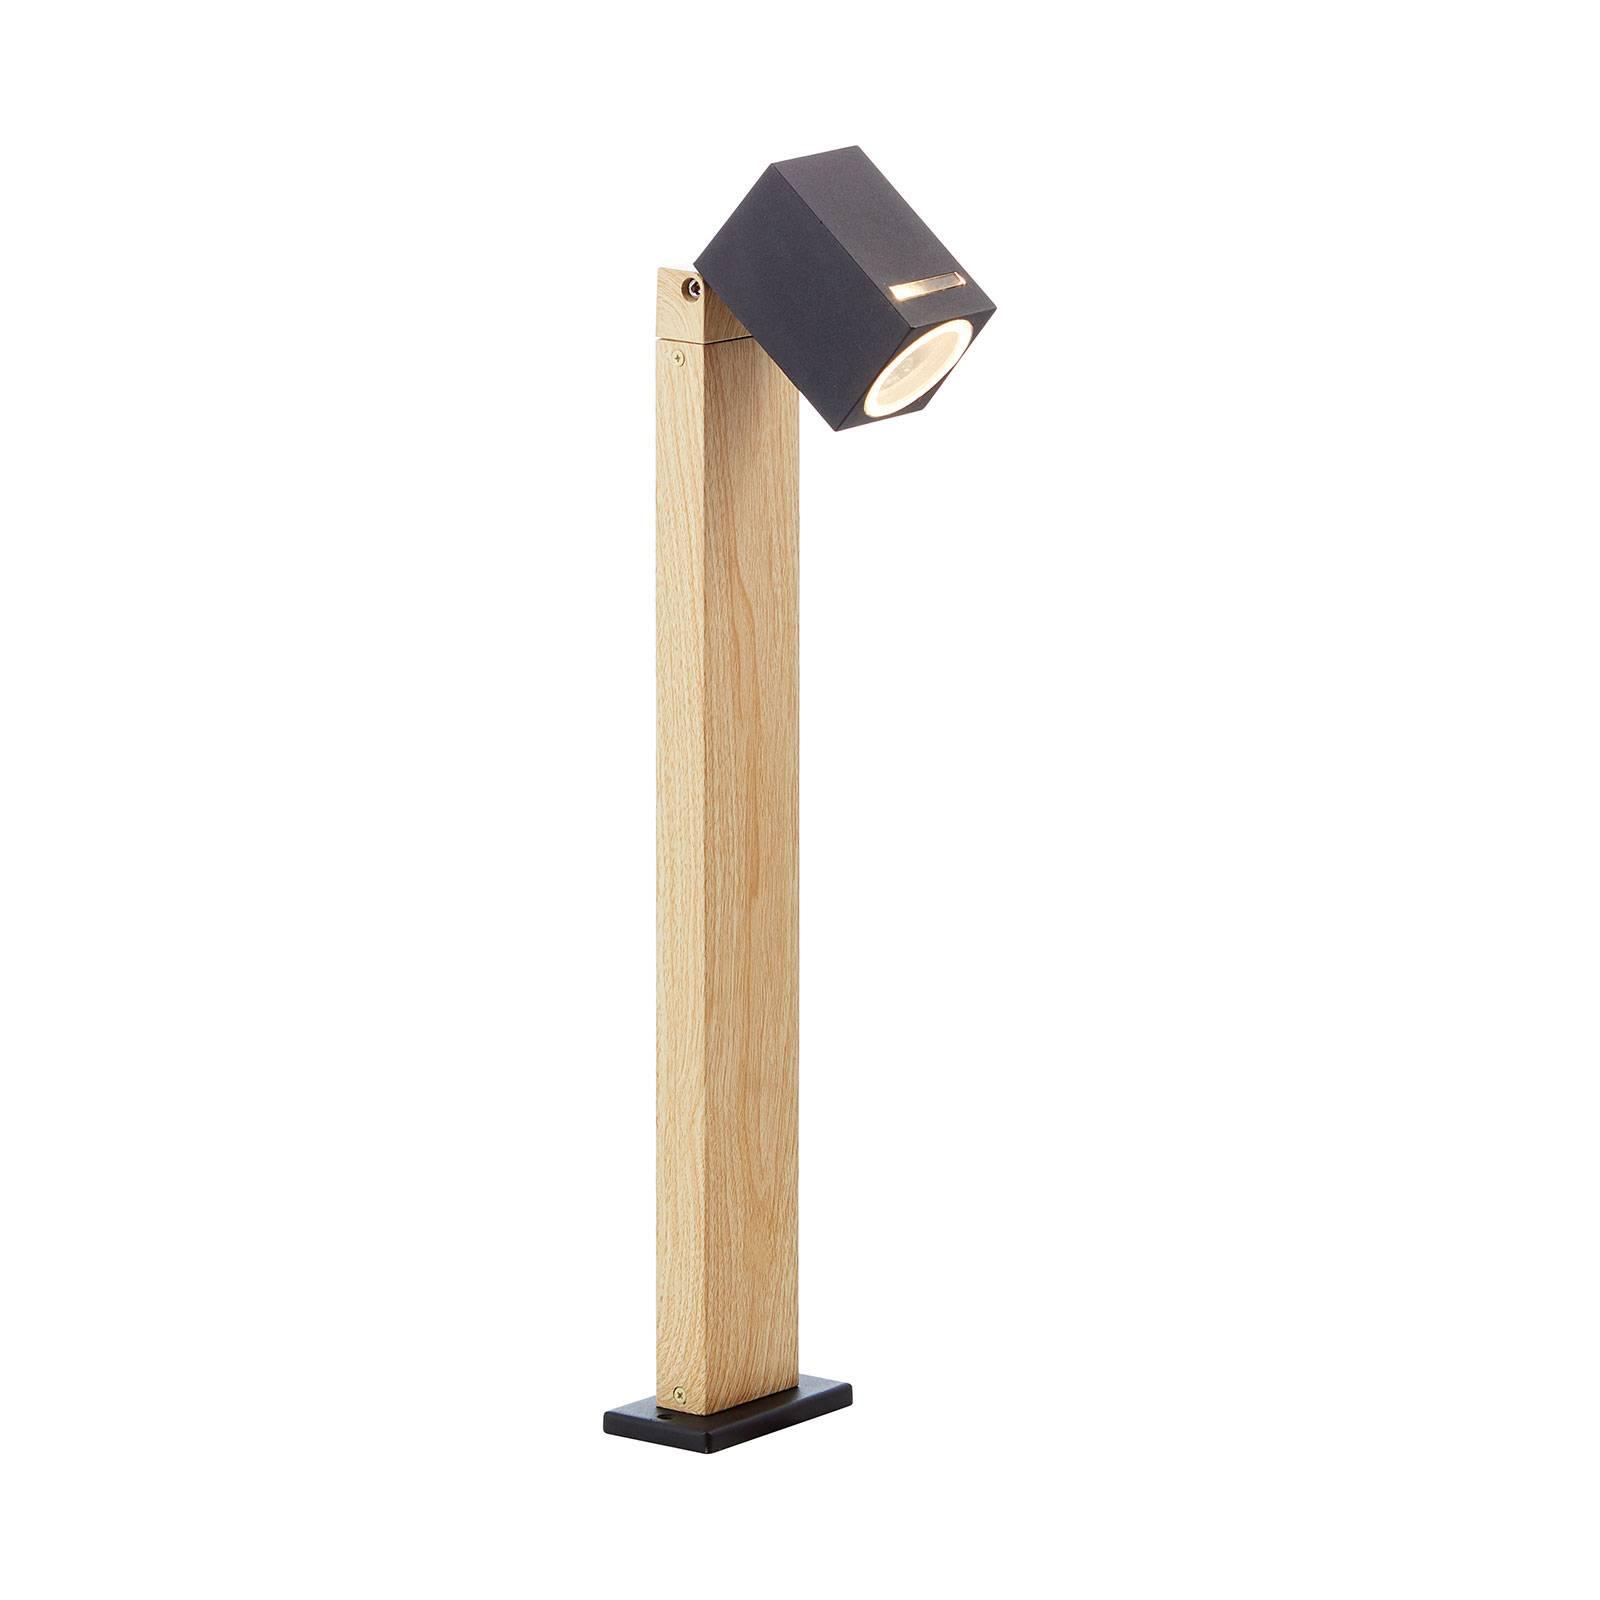 Pollarilamppu Galeni puujälj käännettävä varjostin